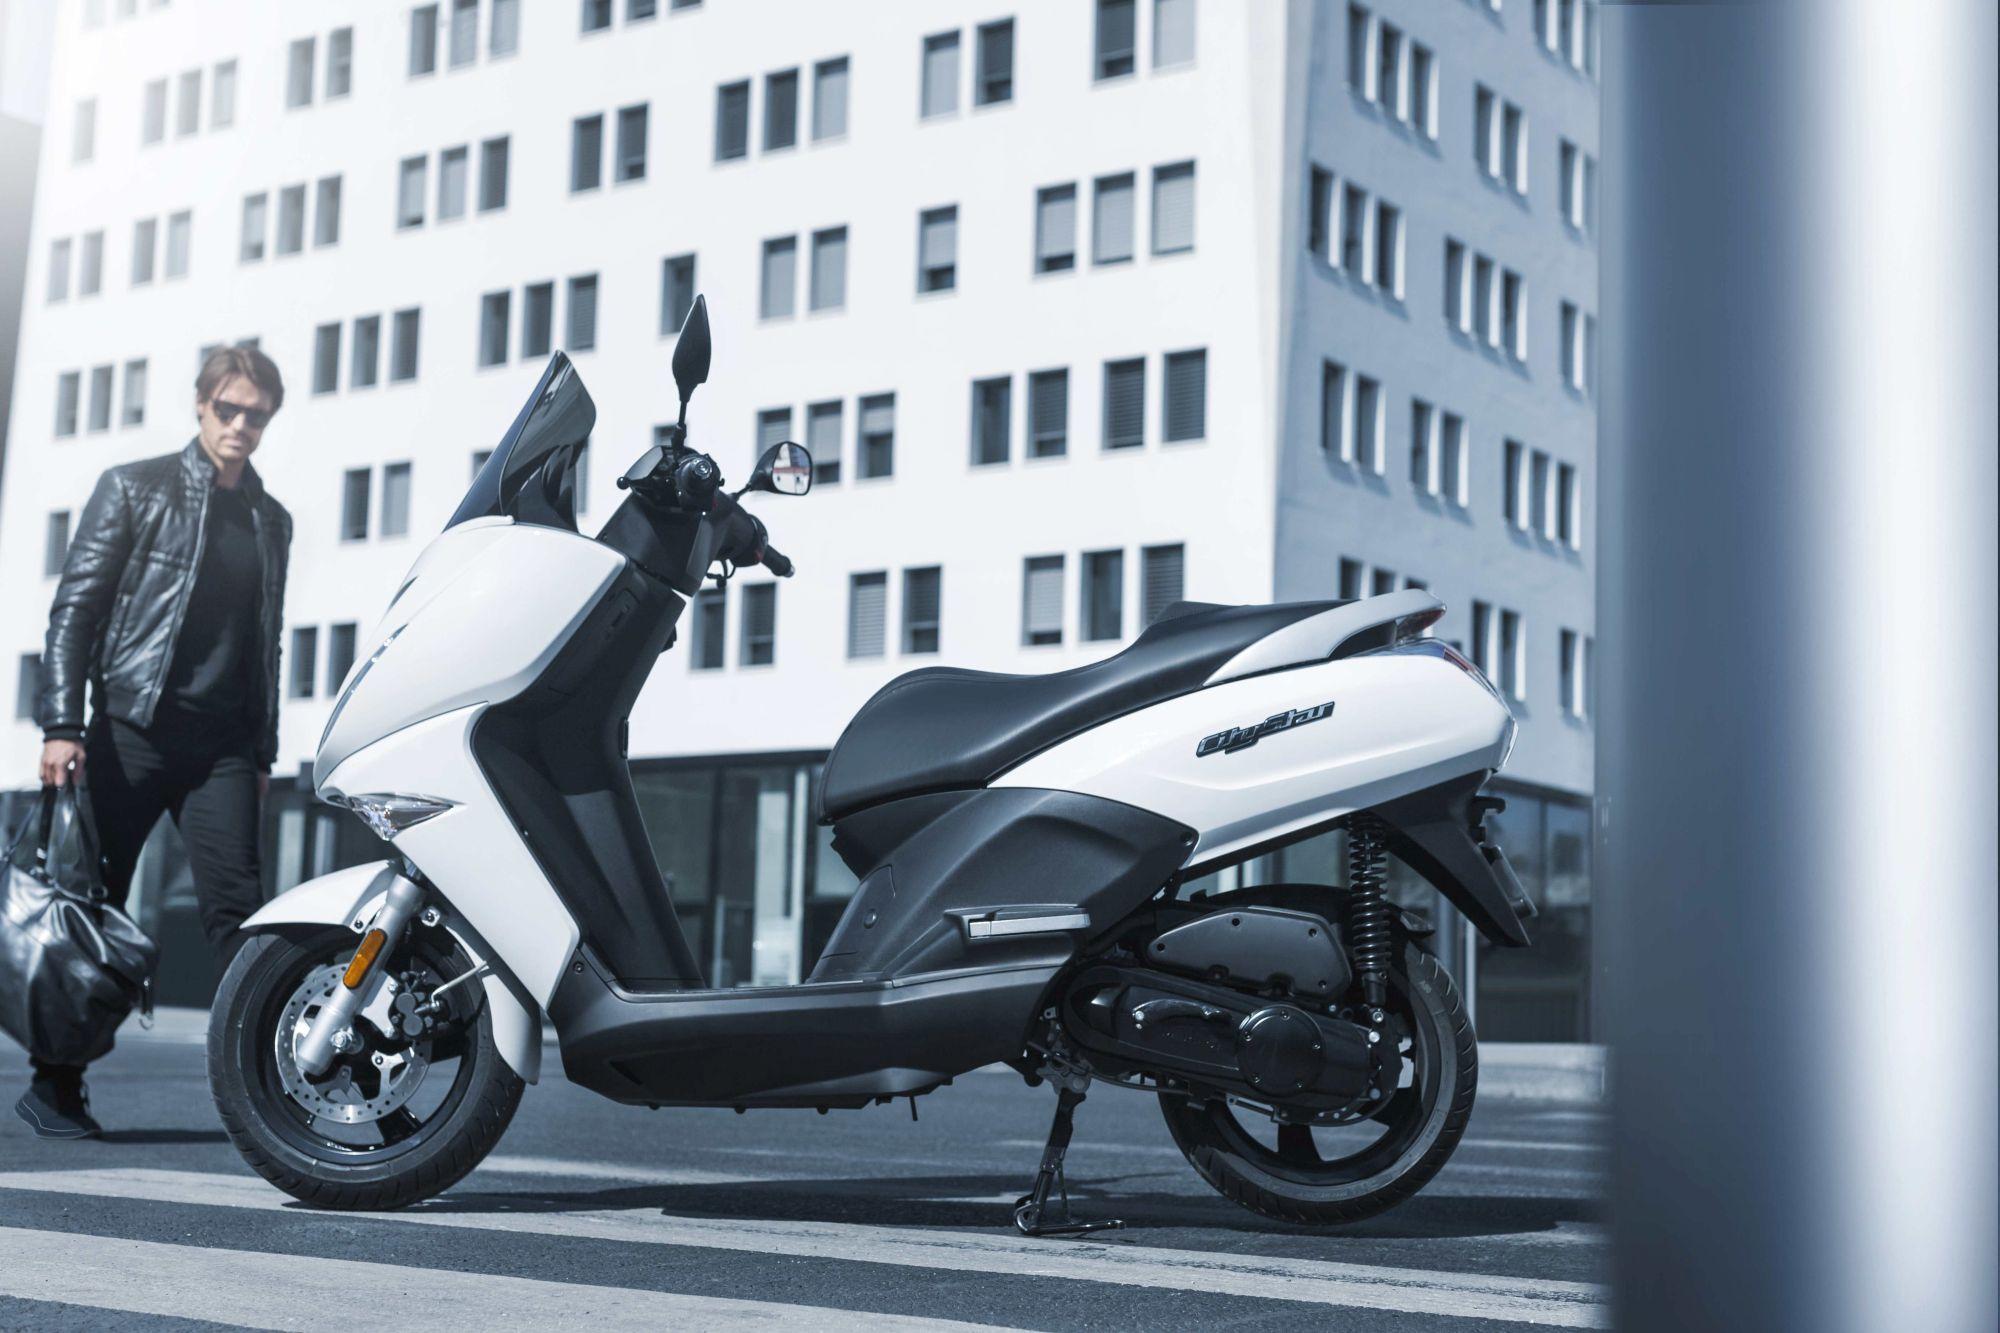 gebrauchte und neue peugeot citystar 125 motorräder kaufen